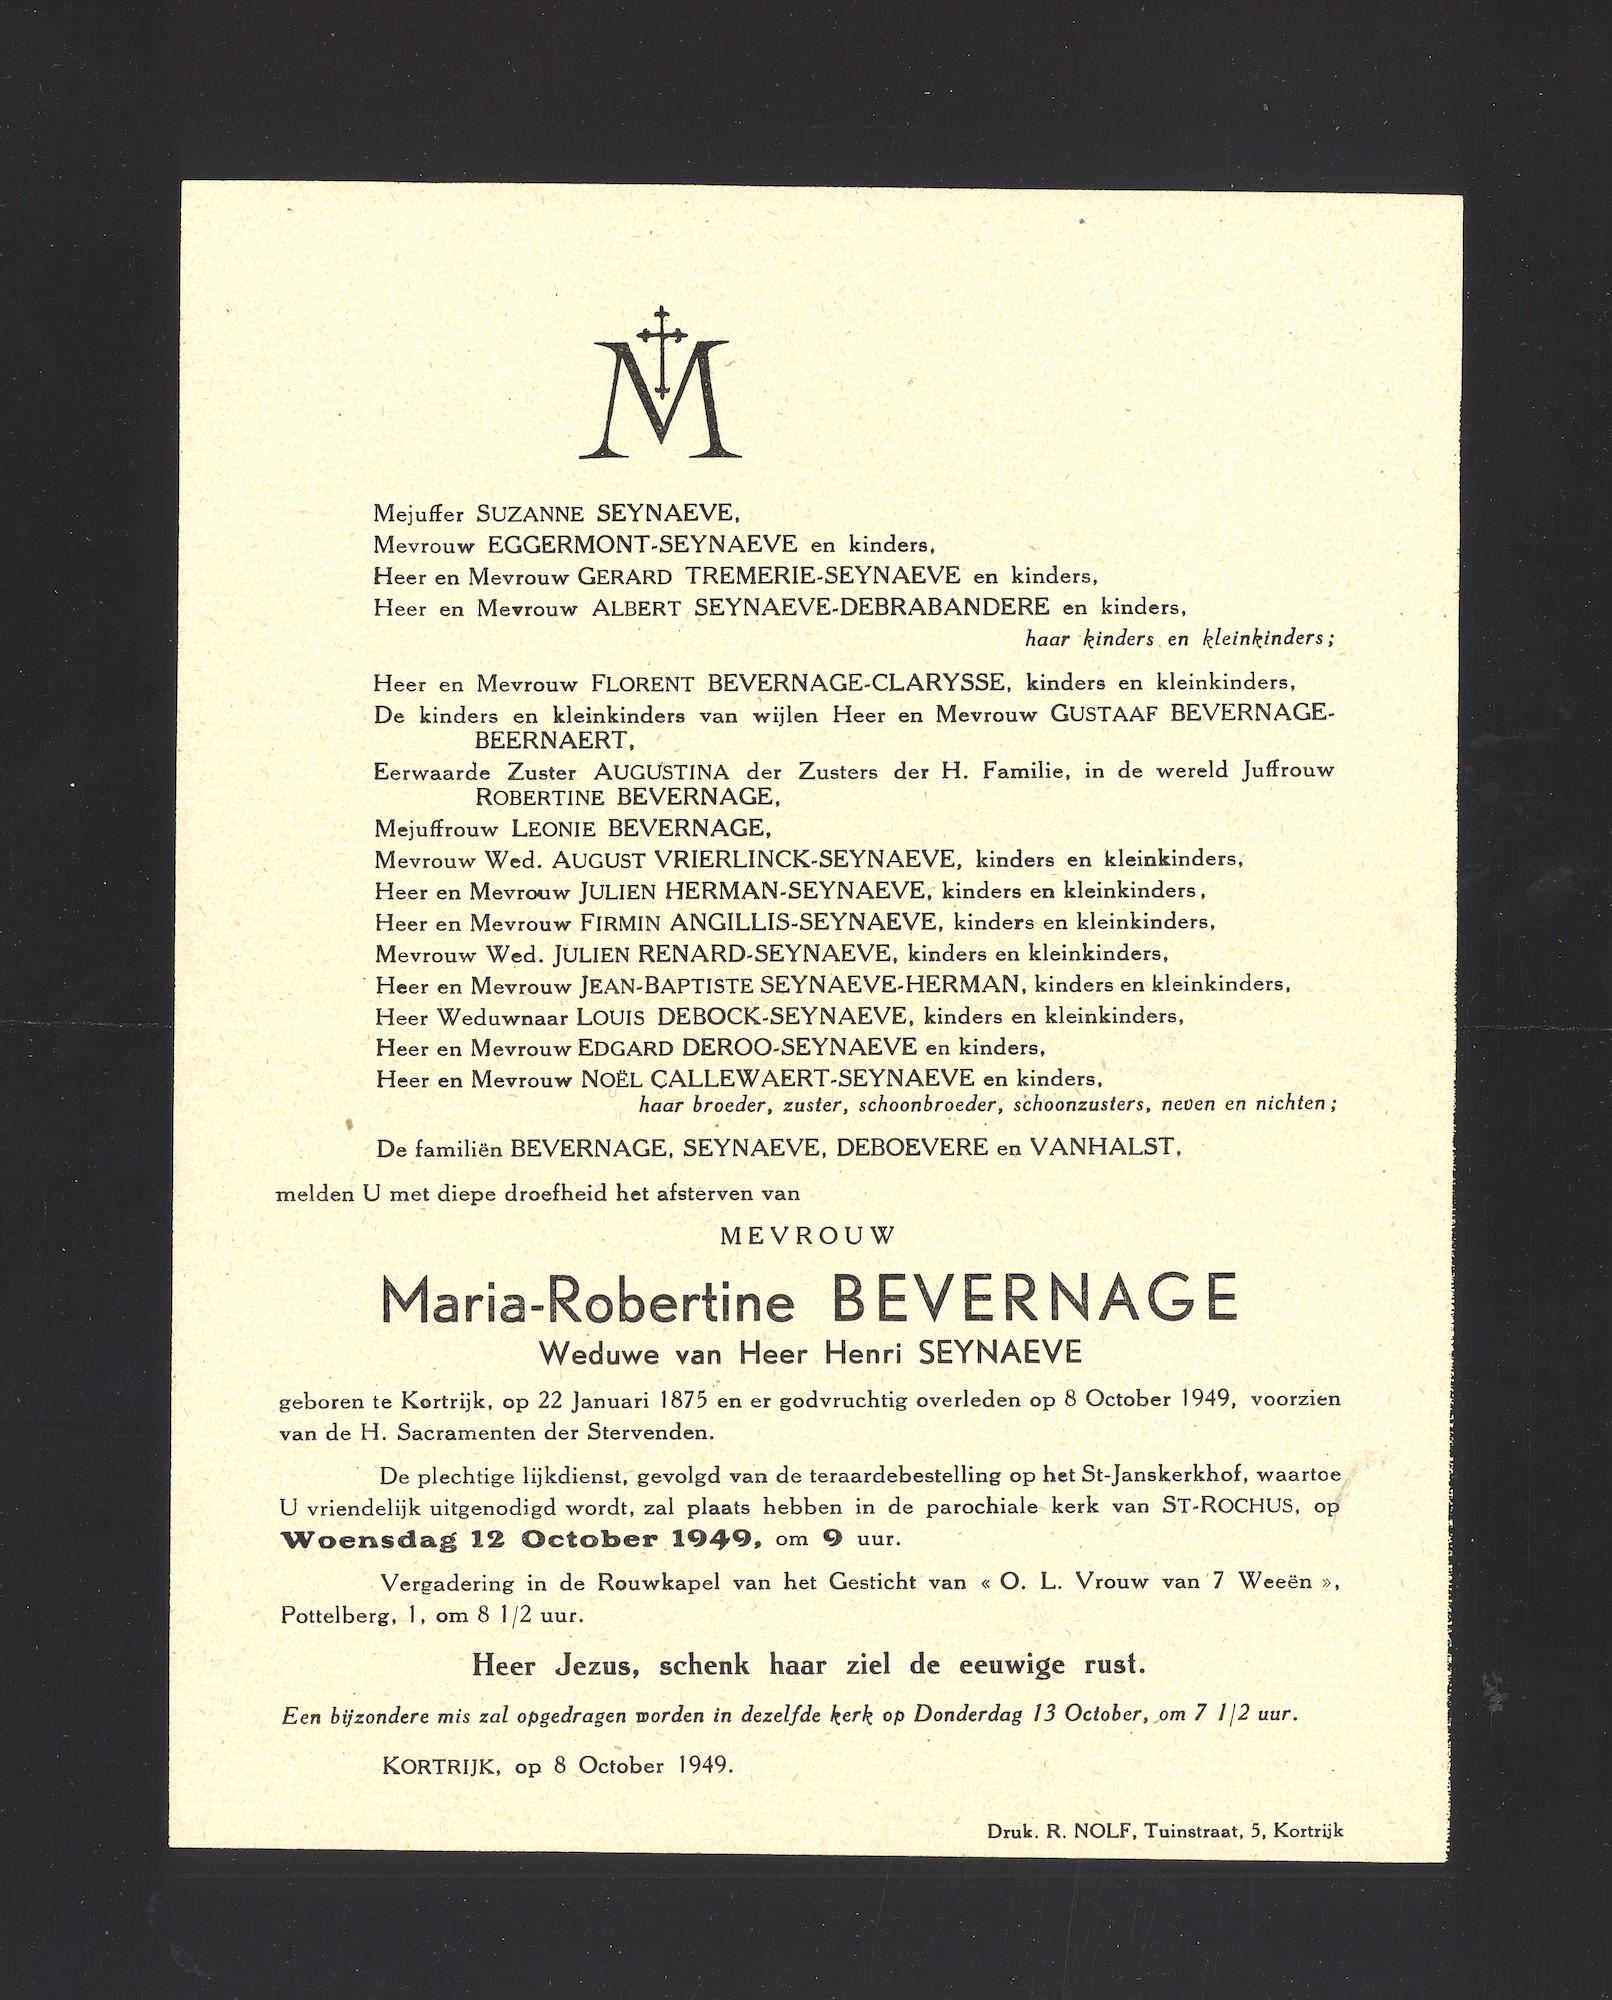 Bevernage Maria-Robertine